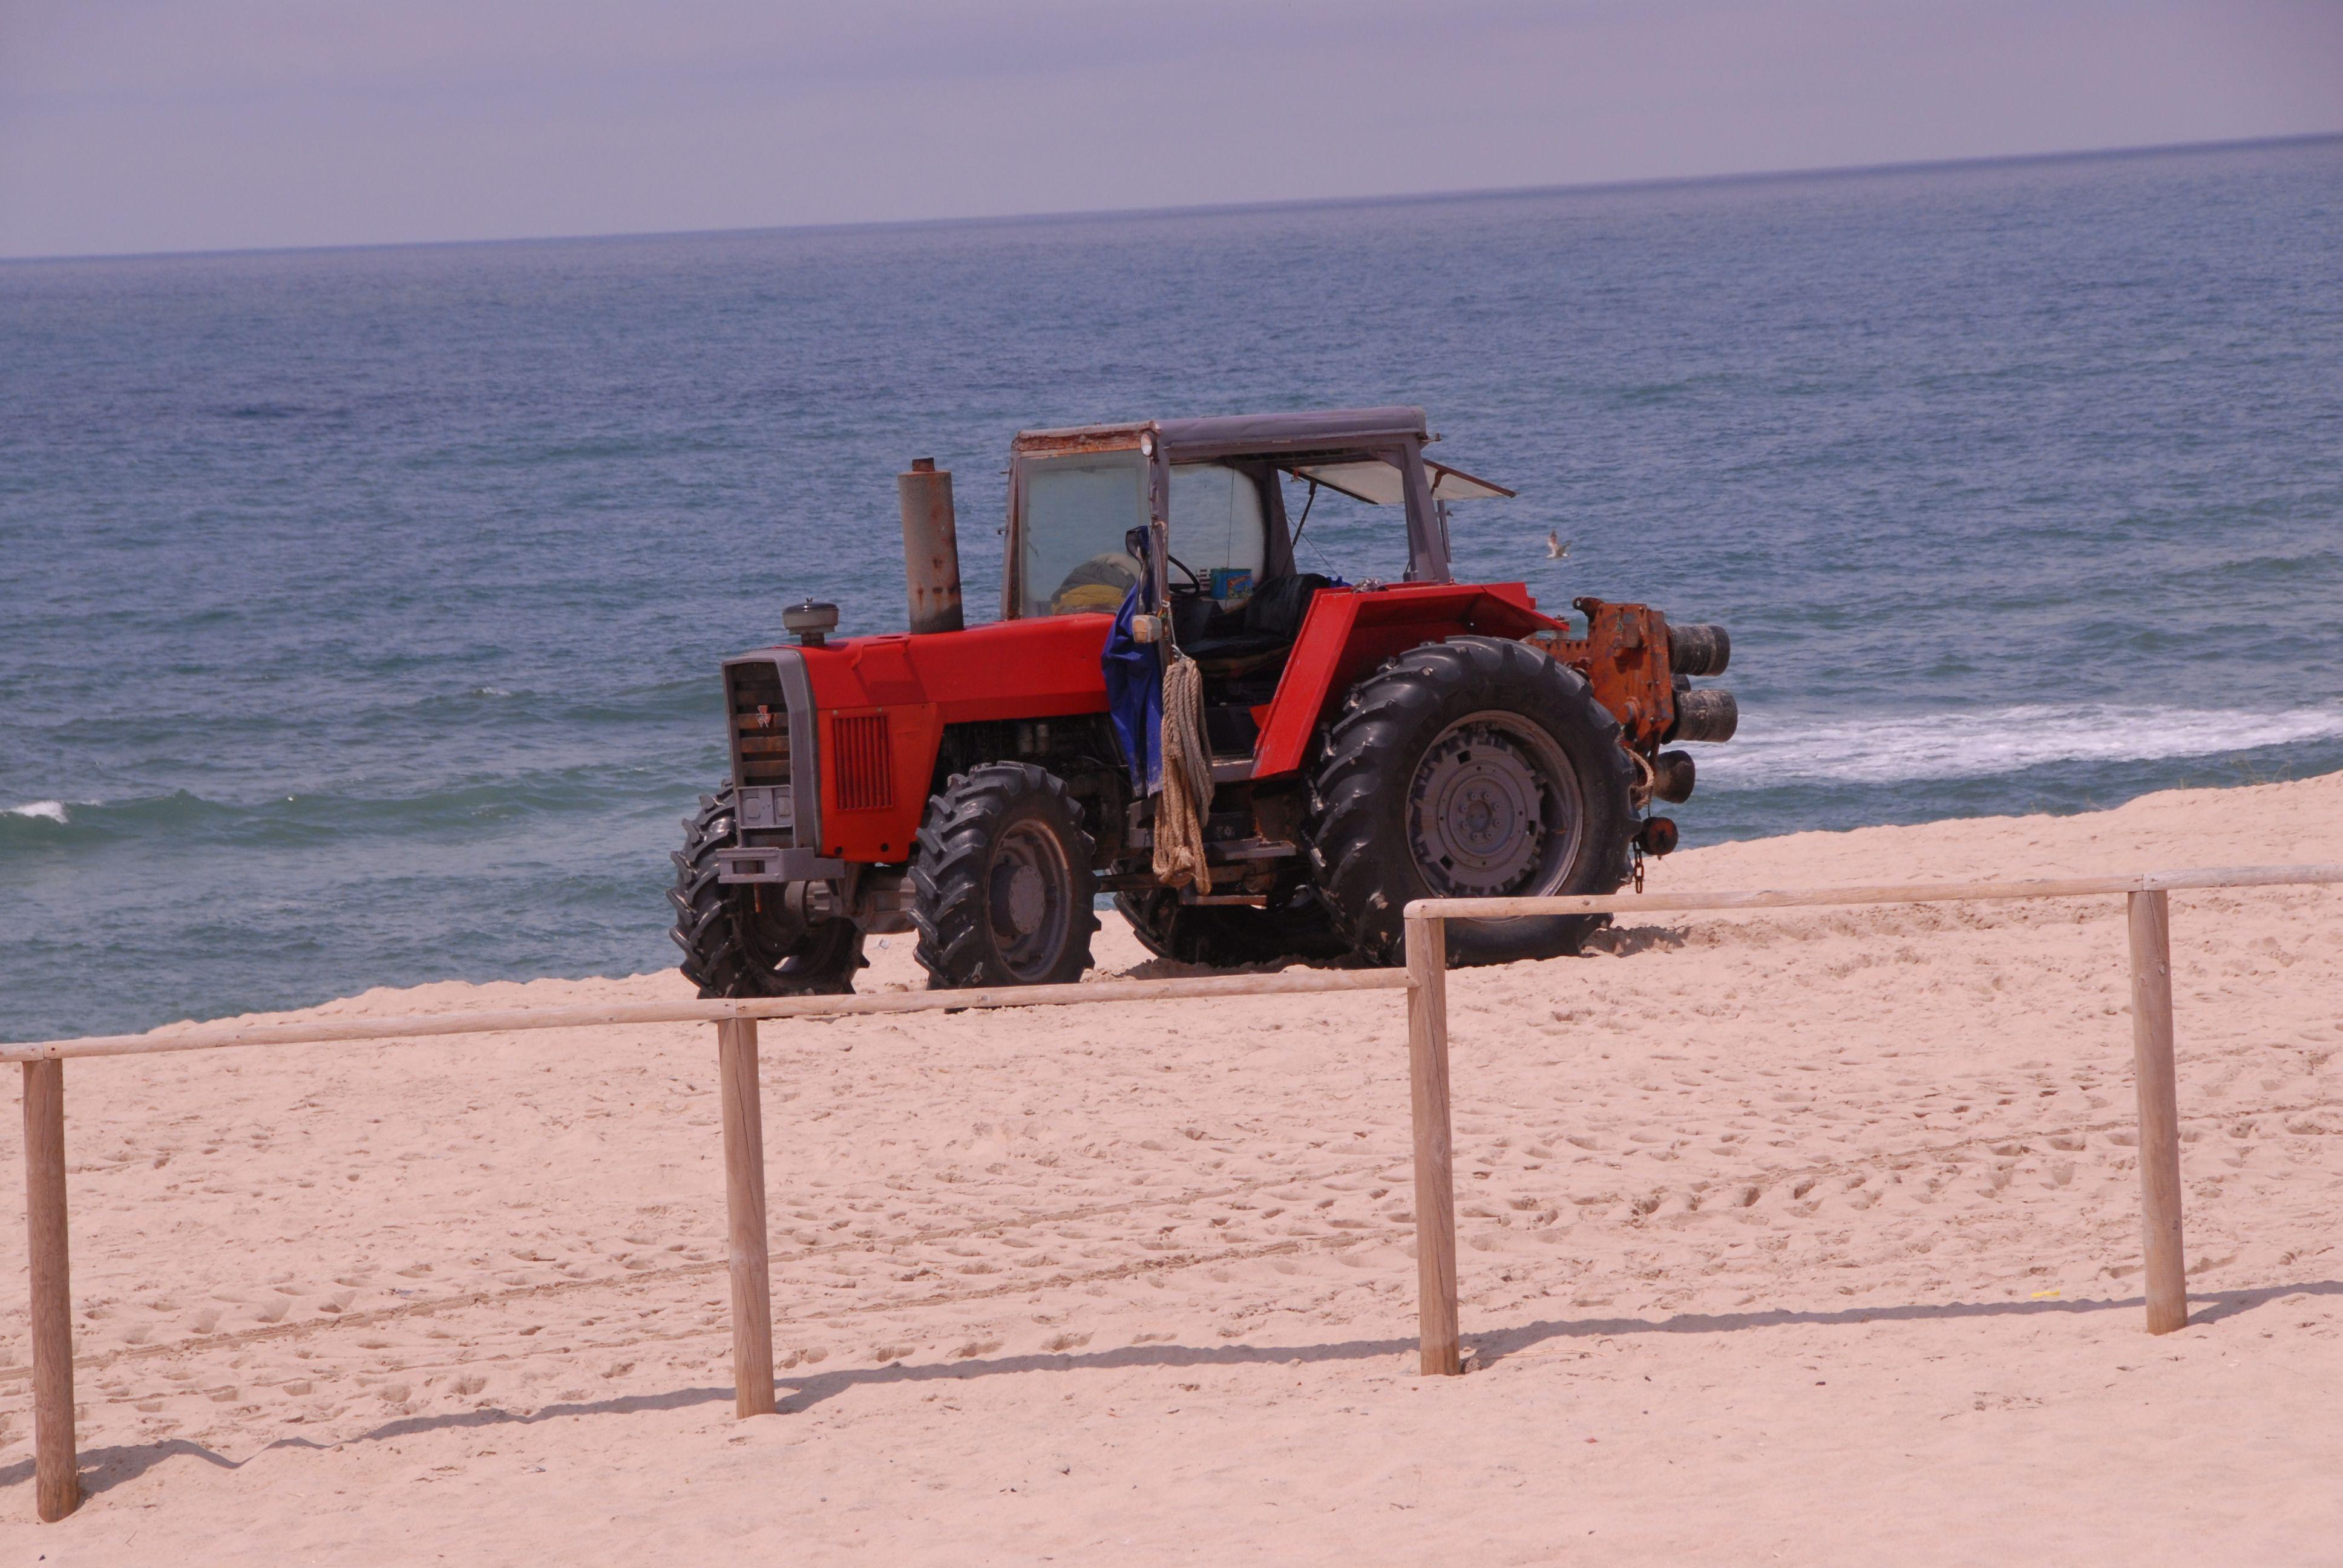 Trator agrícola usado para puxar as redes de pesca na Praia de Mira.